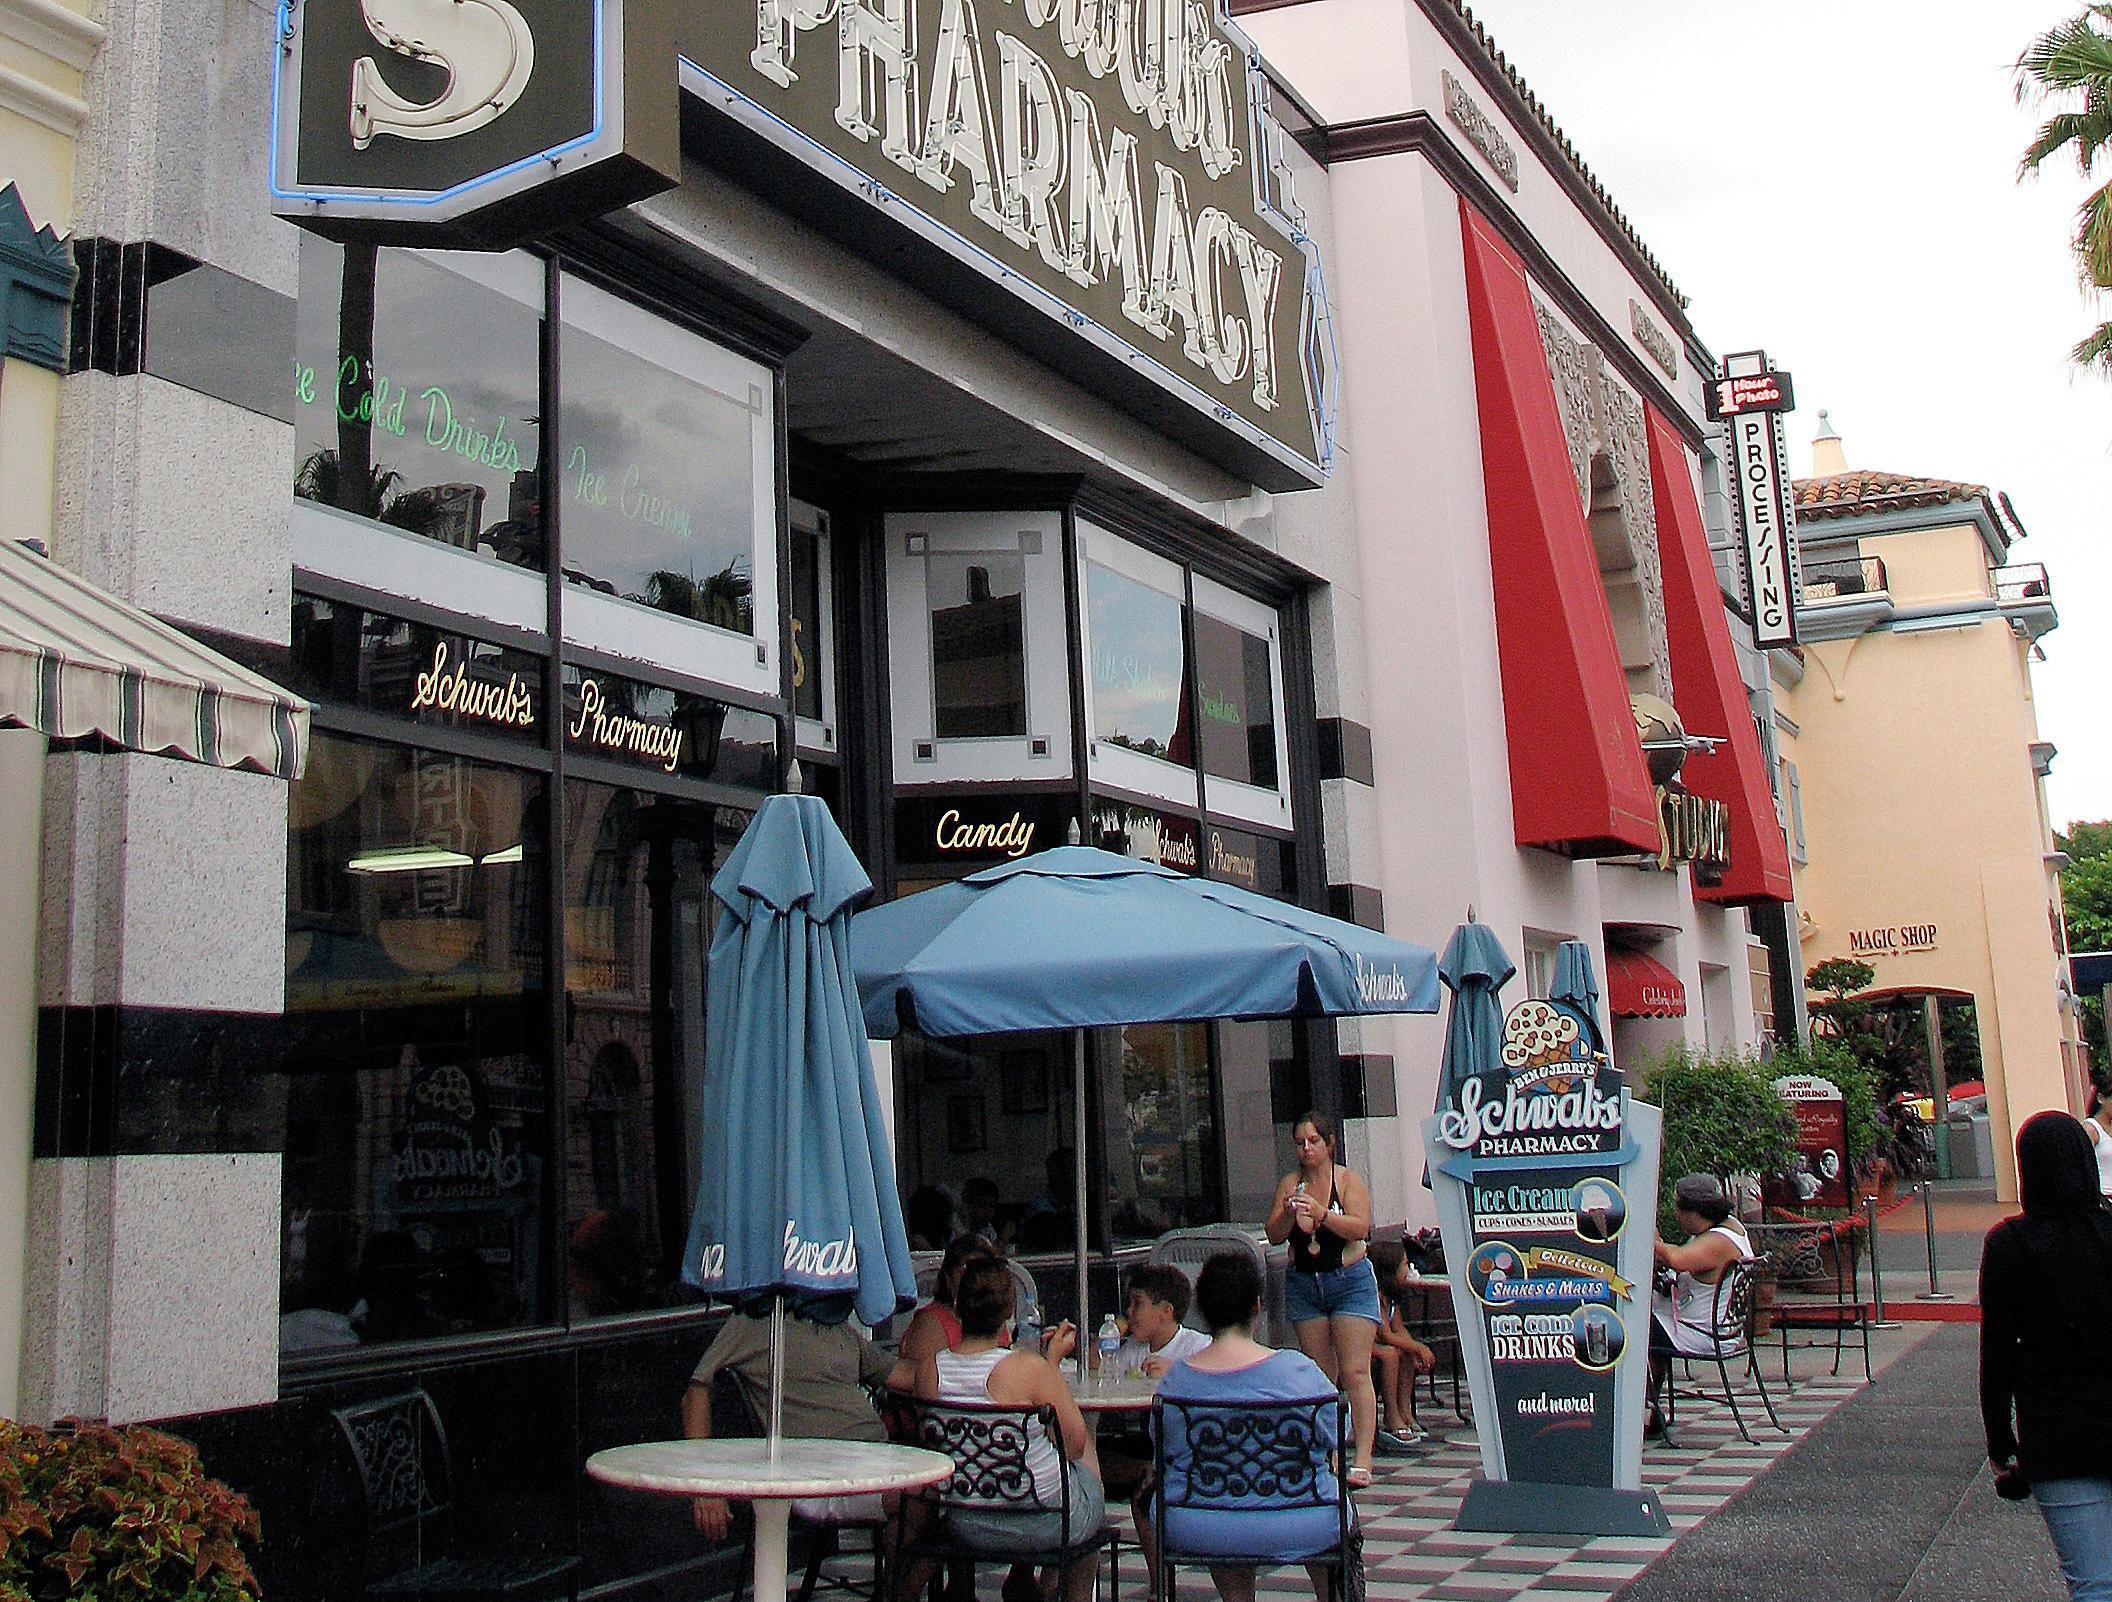 Schwabs-Pharmacy.jpg